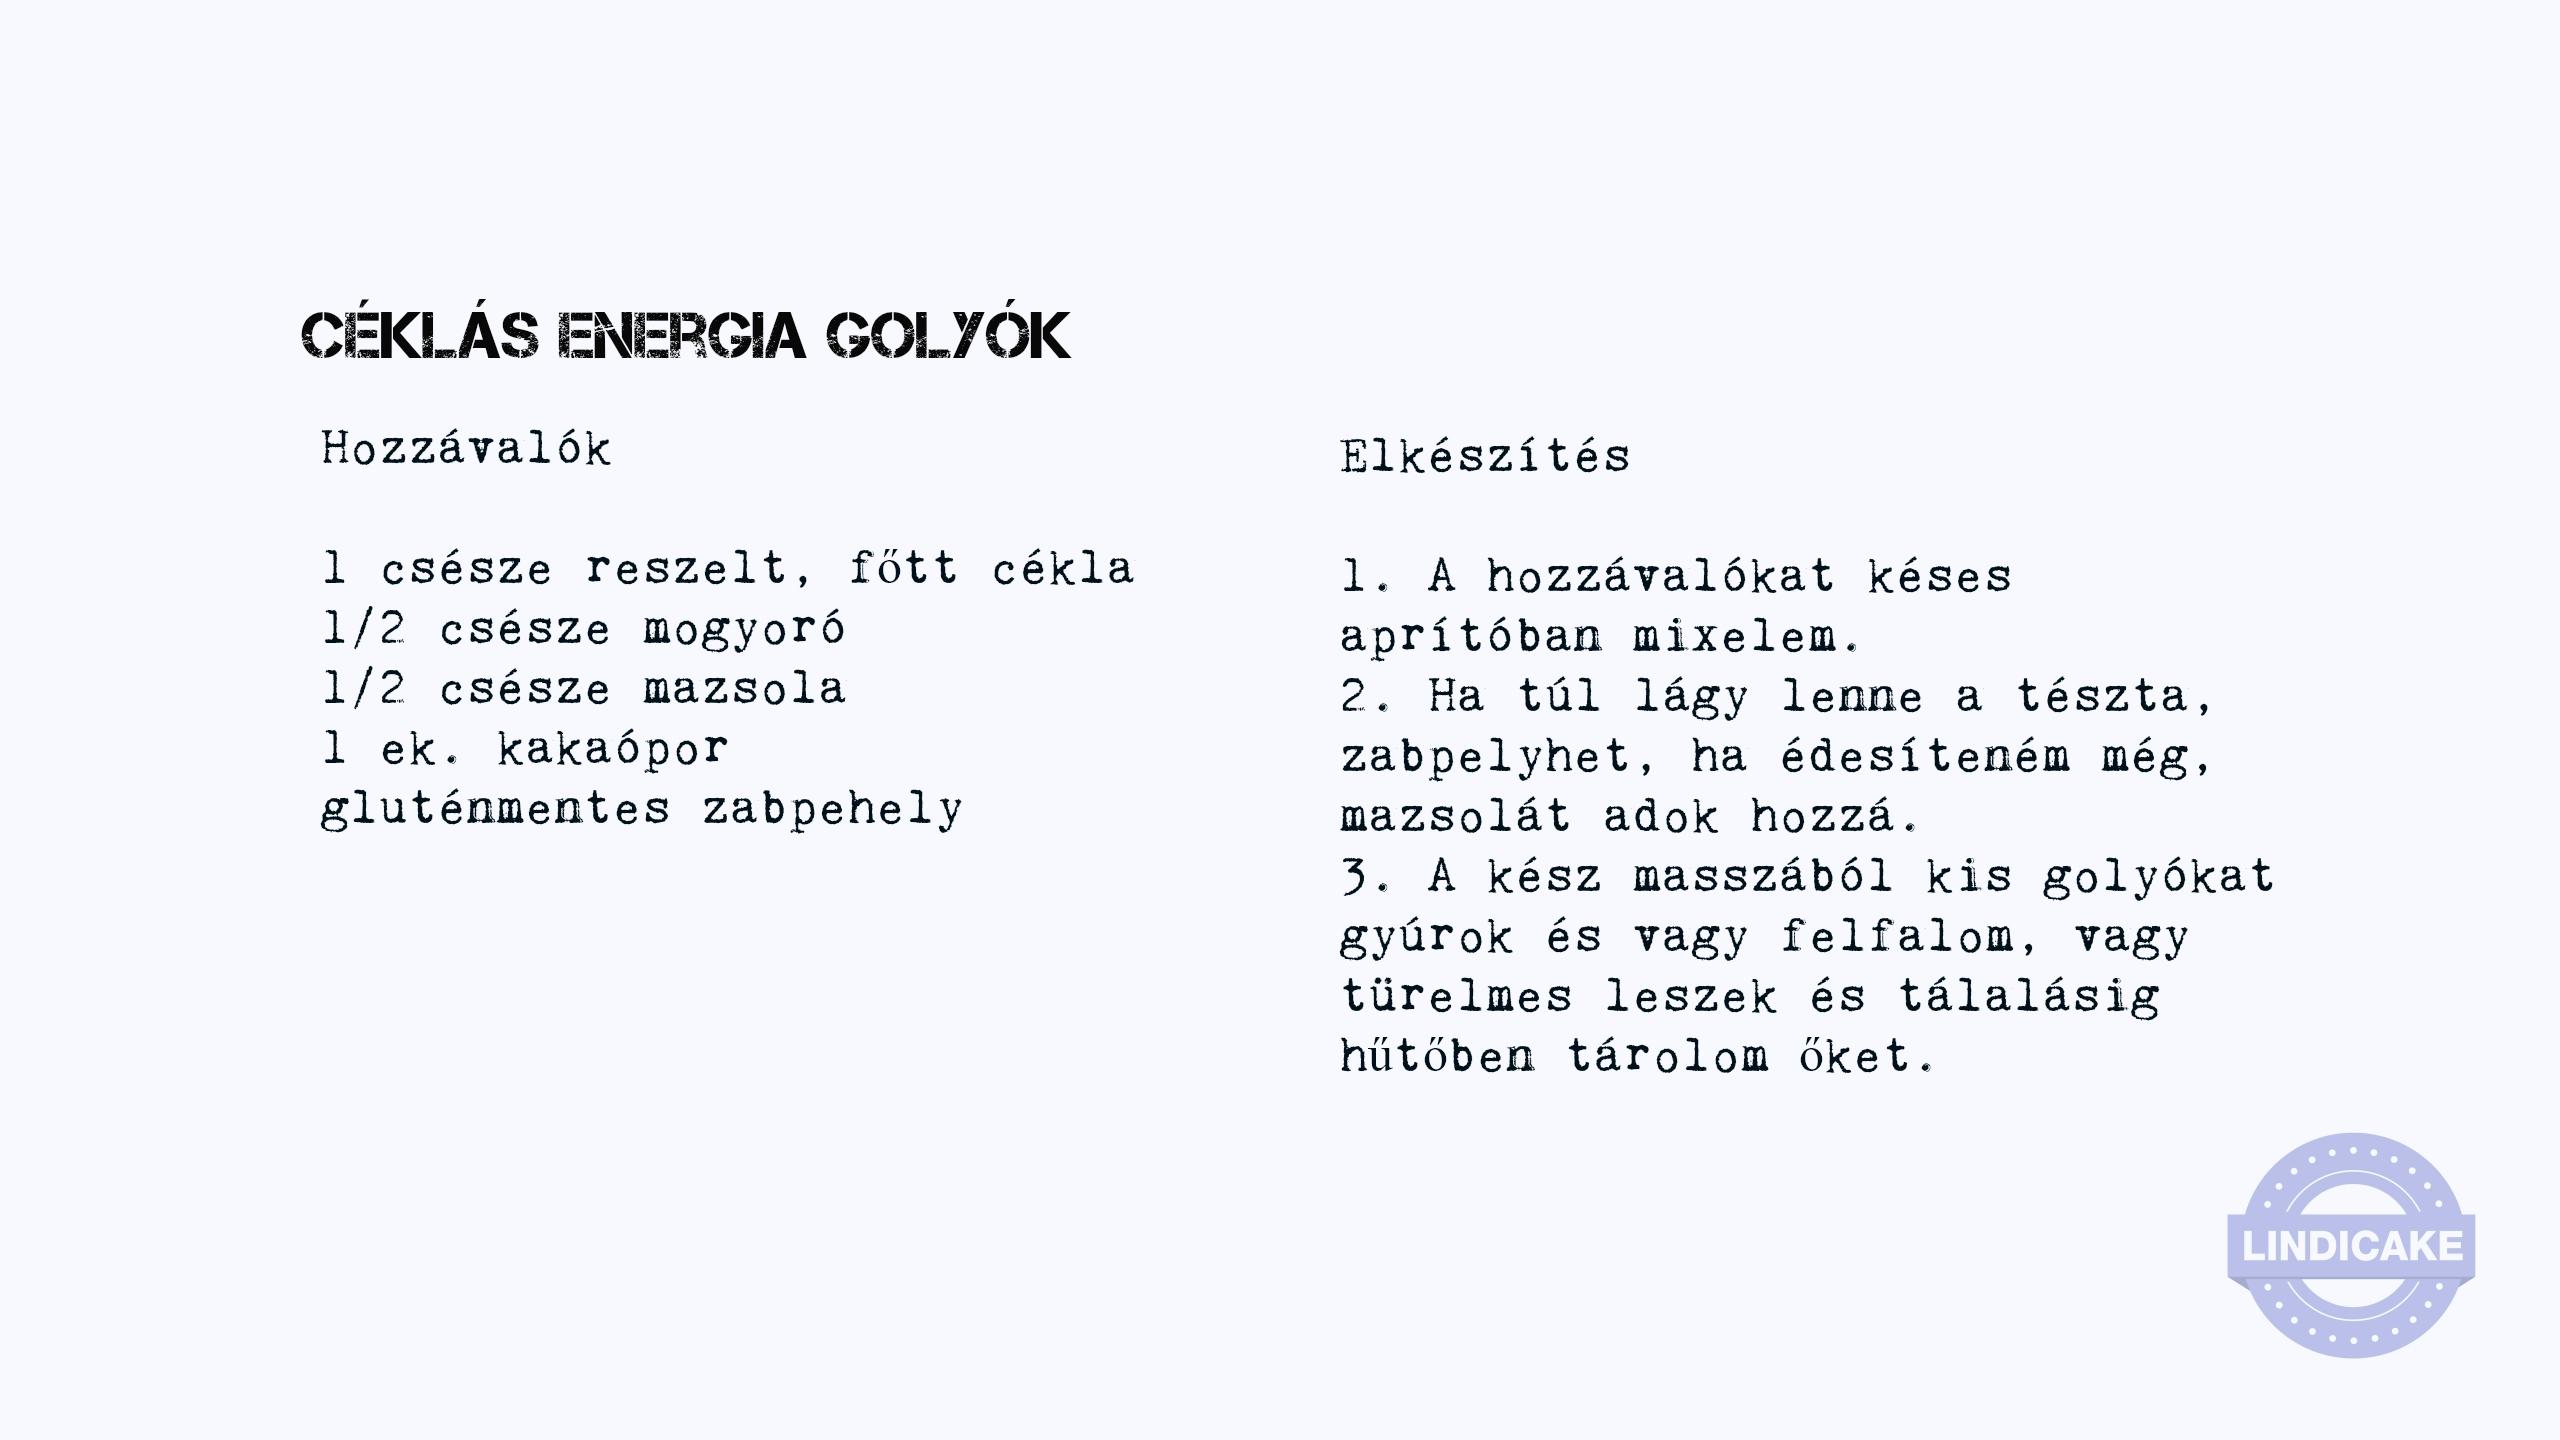 ceklagolyo_recept.jpg